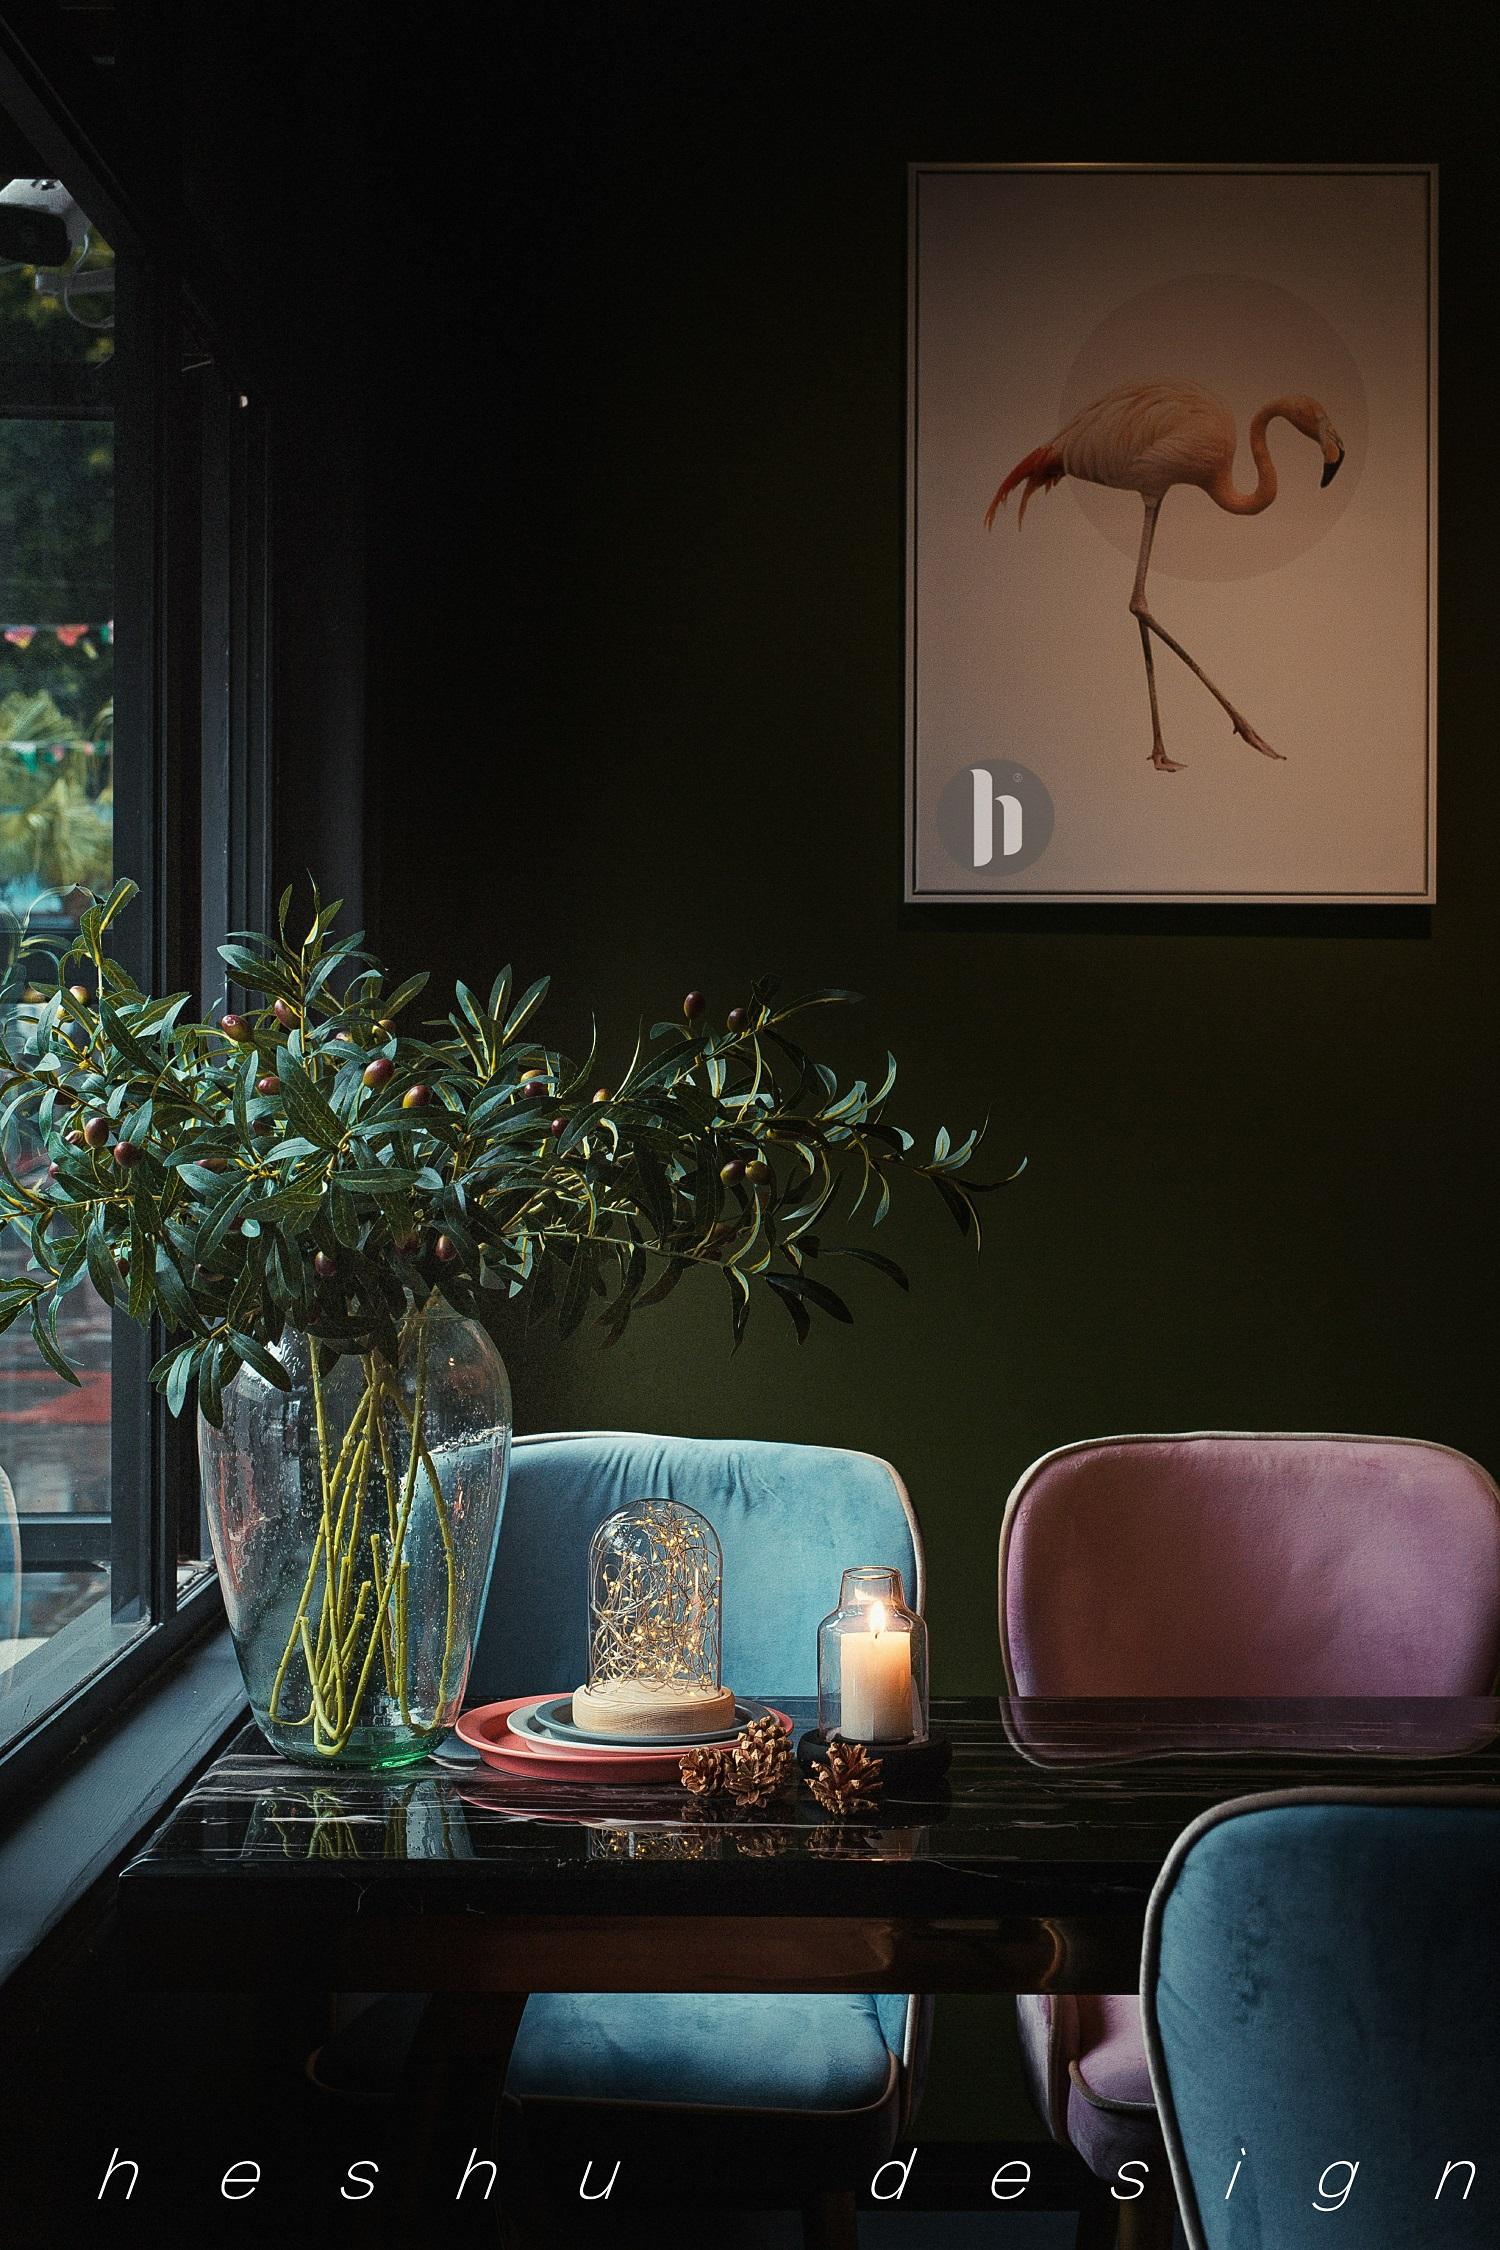 咖啡店装修靠窗餐桌图片